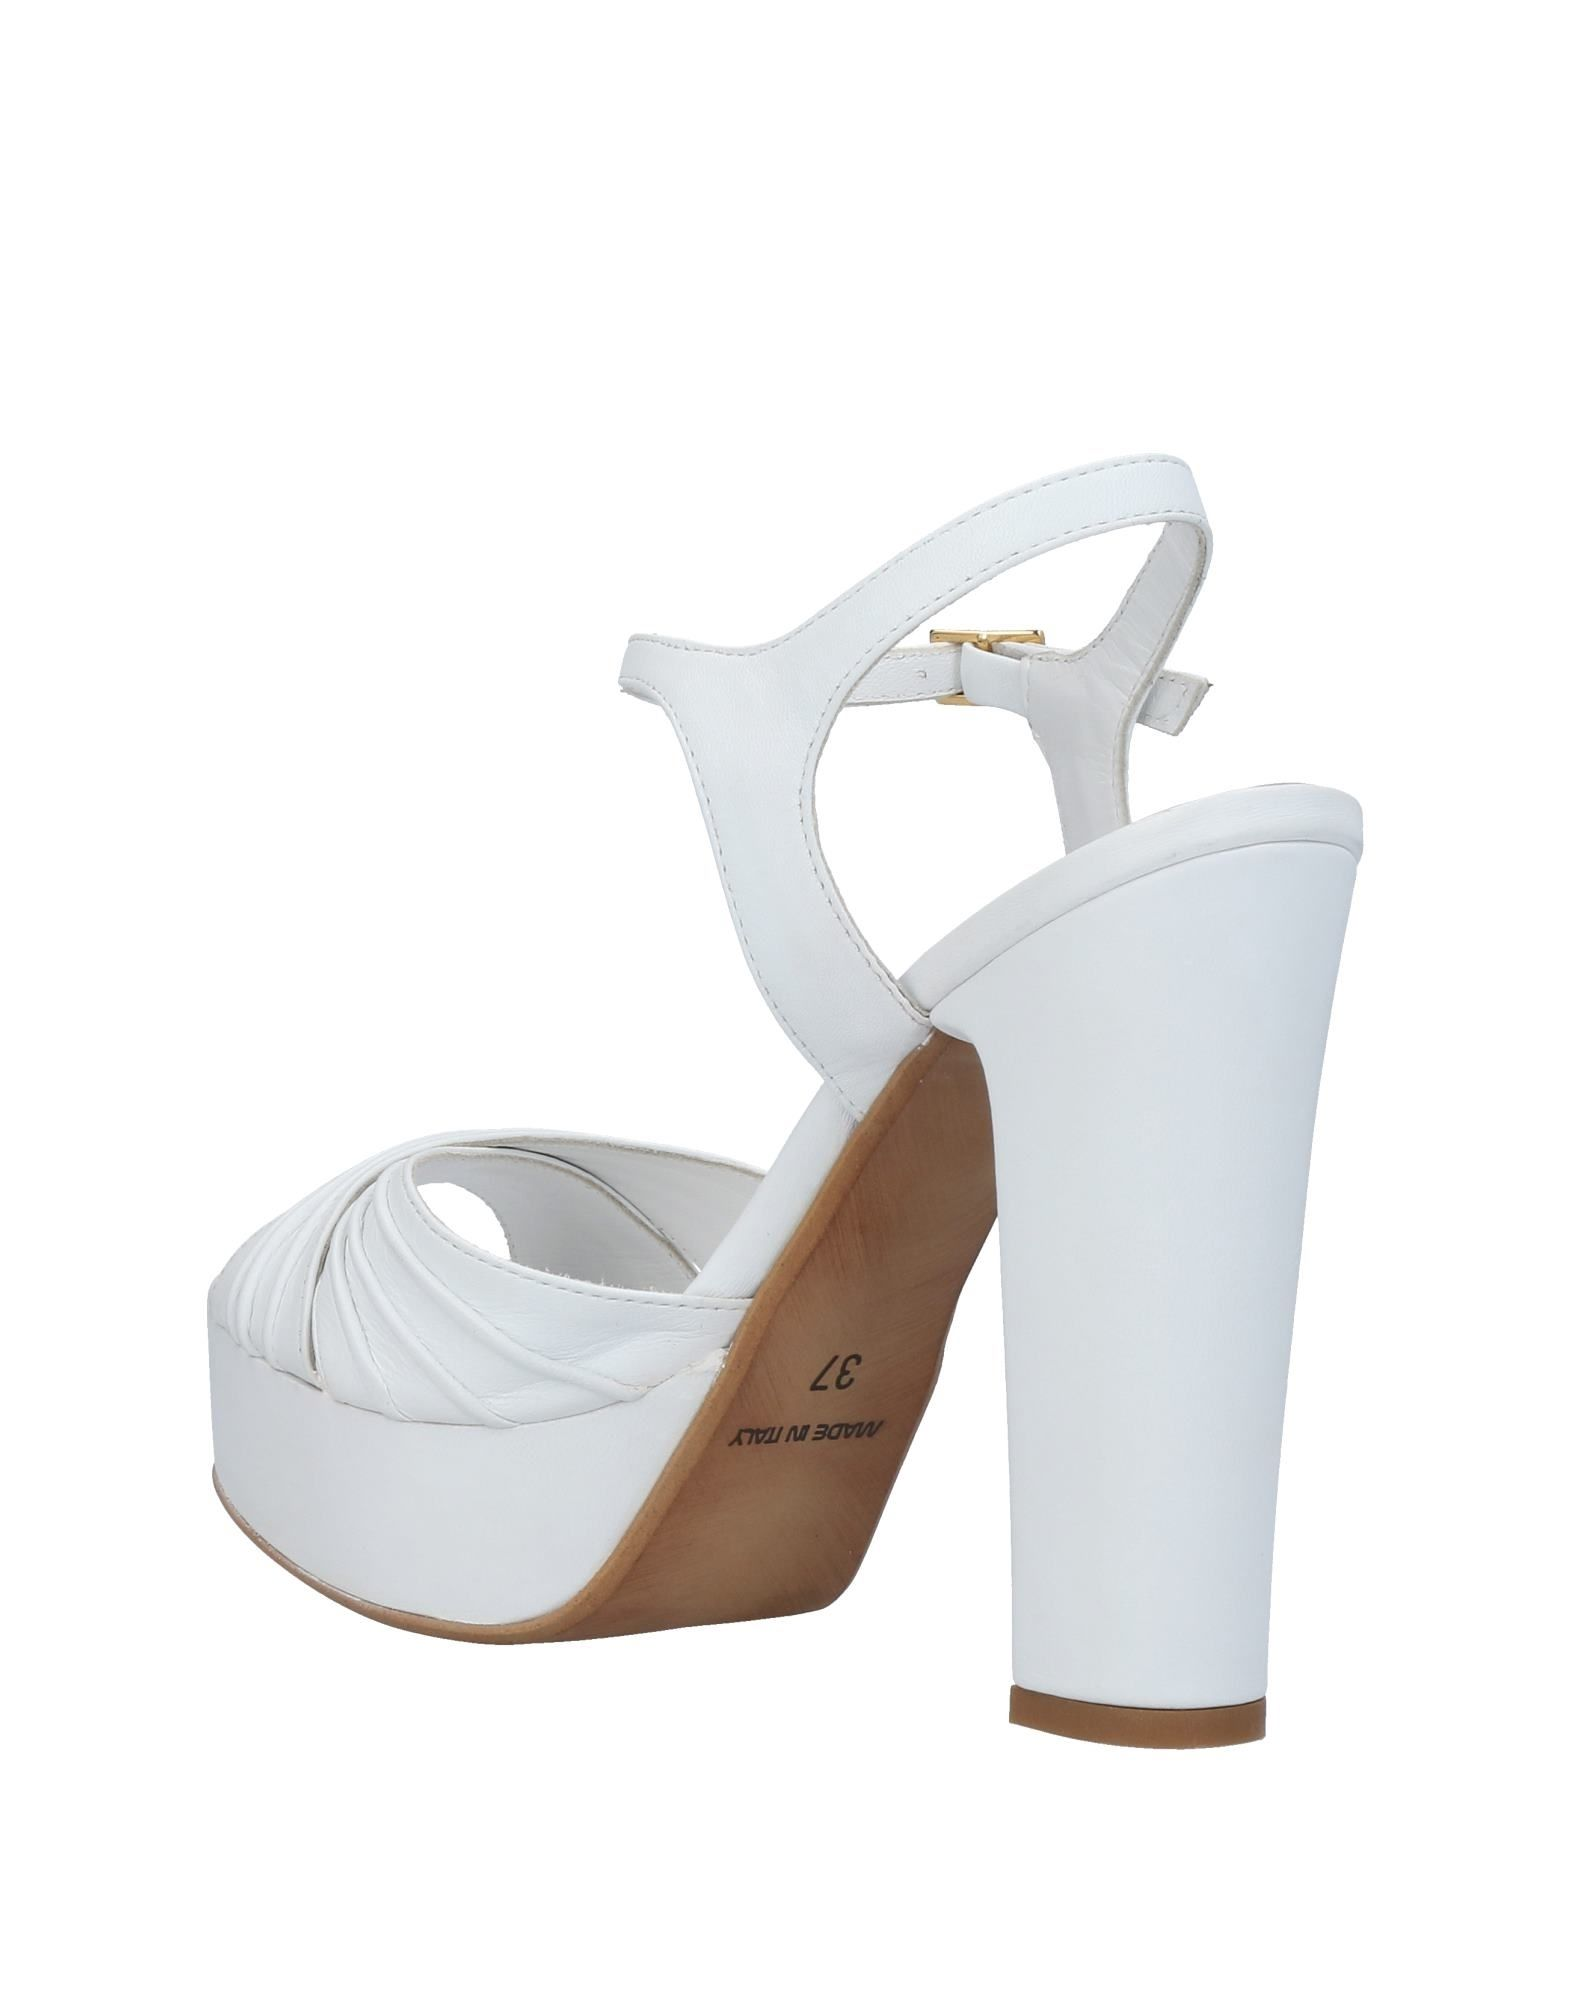 Stilvolle Stilvolle Stilvolle billige Schuhe Silvia Rossini Sandalen Damen  11439138QI 017759